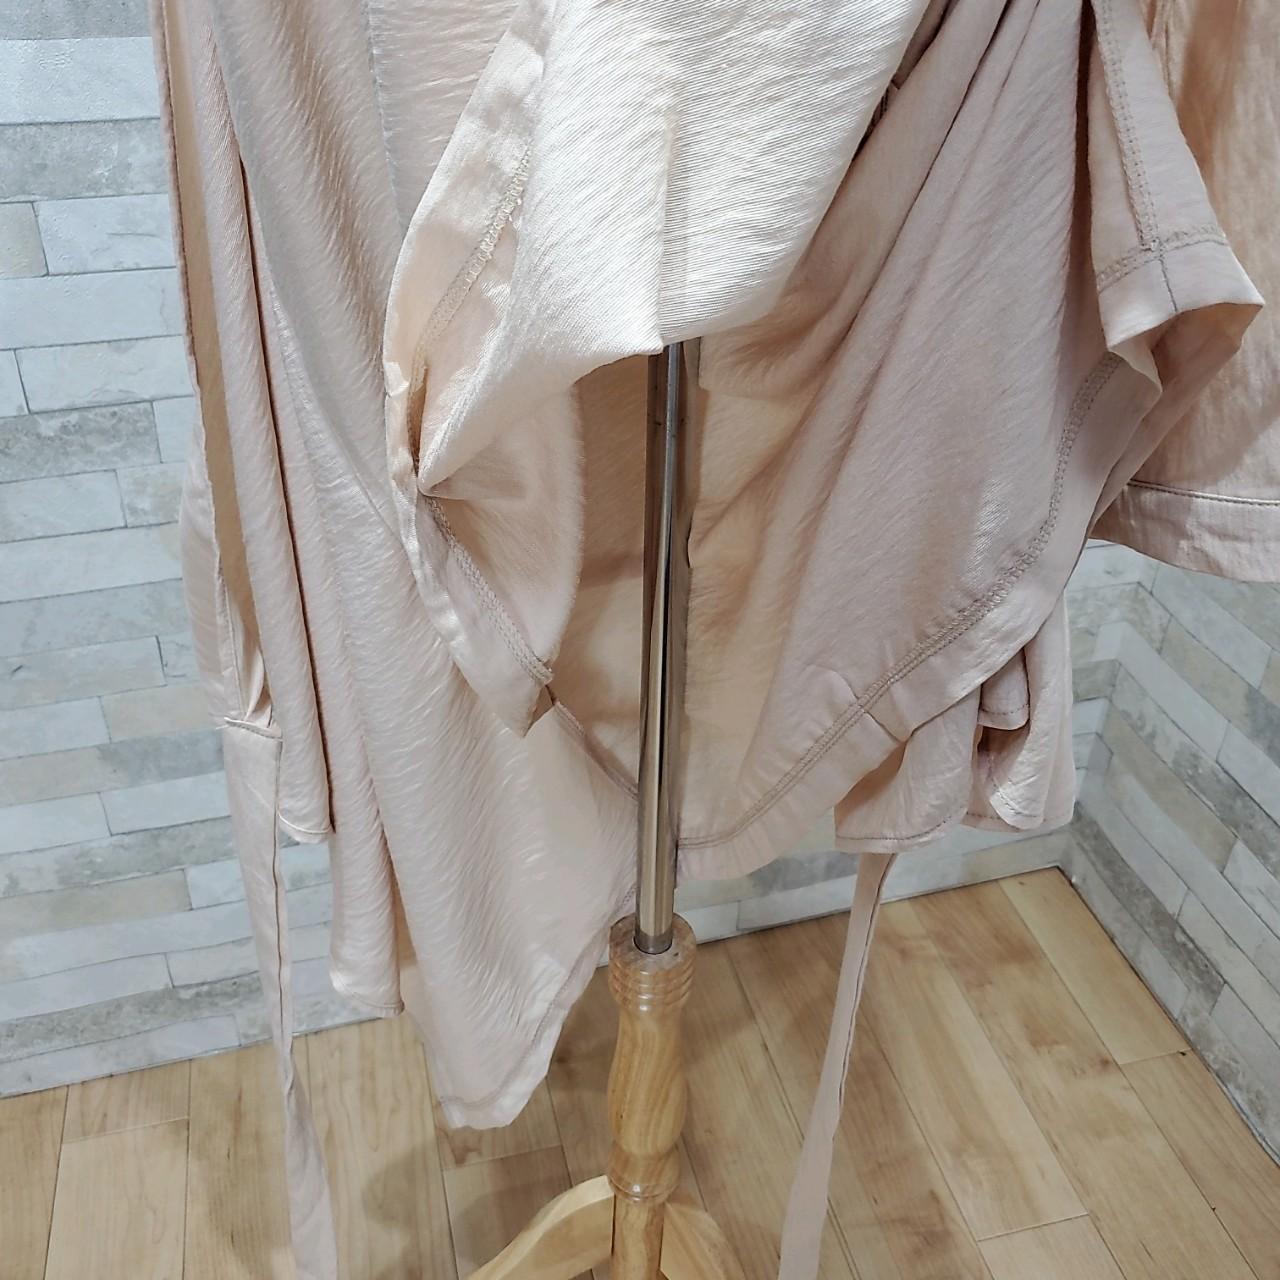 韓国 ファッション ワンピース 春 秋 冬 カジュアル PTXH836  カシュクール 襟付き ウエストマーク オフィス オルチャン シンプル 定番 セレカジの写真20枚目